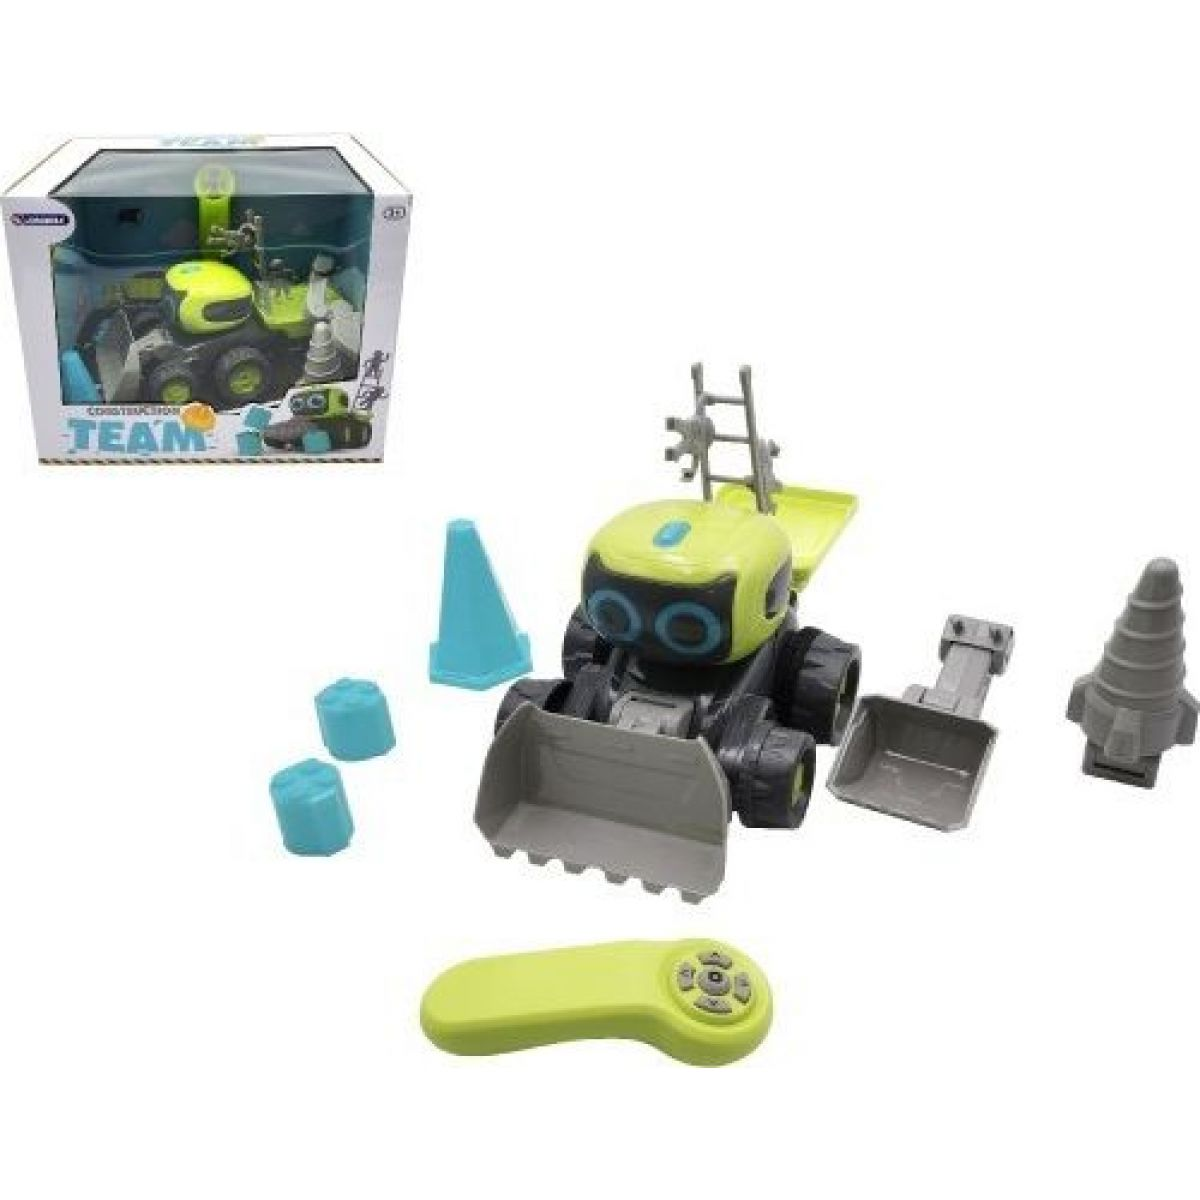 Auto Stavebný stroj RC plast 15 x 20 cm na batérie s doplnkami v krabici